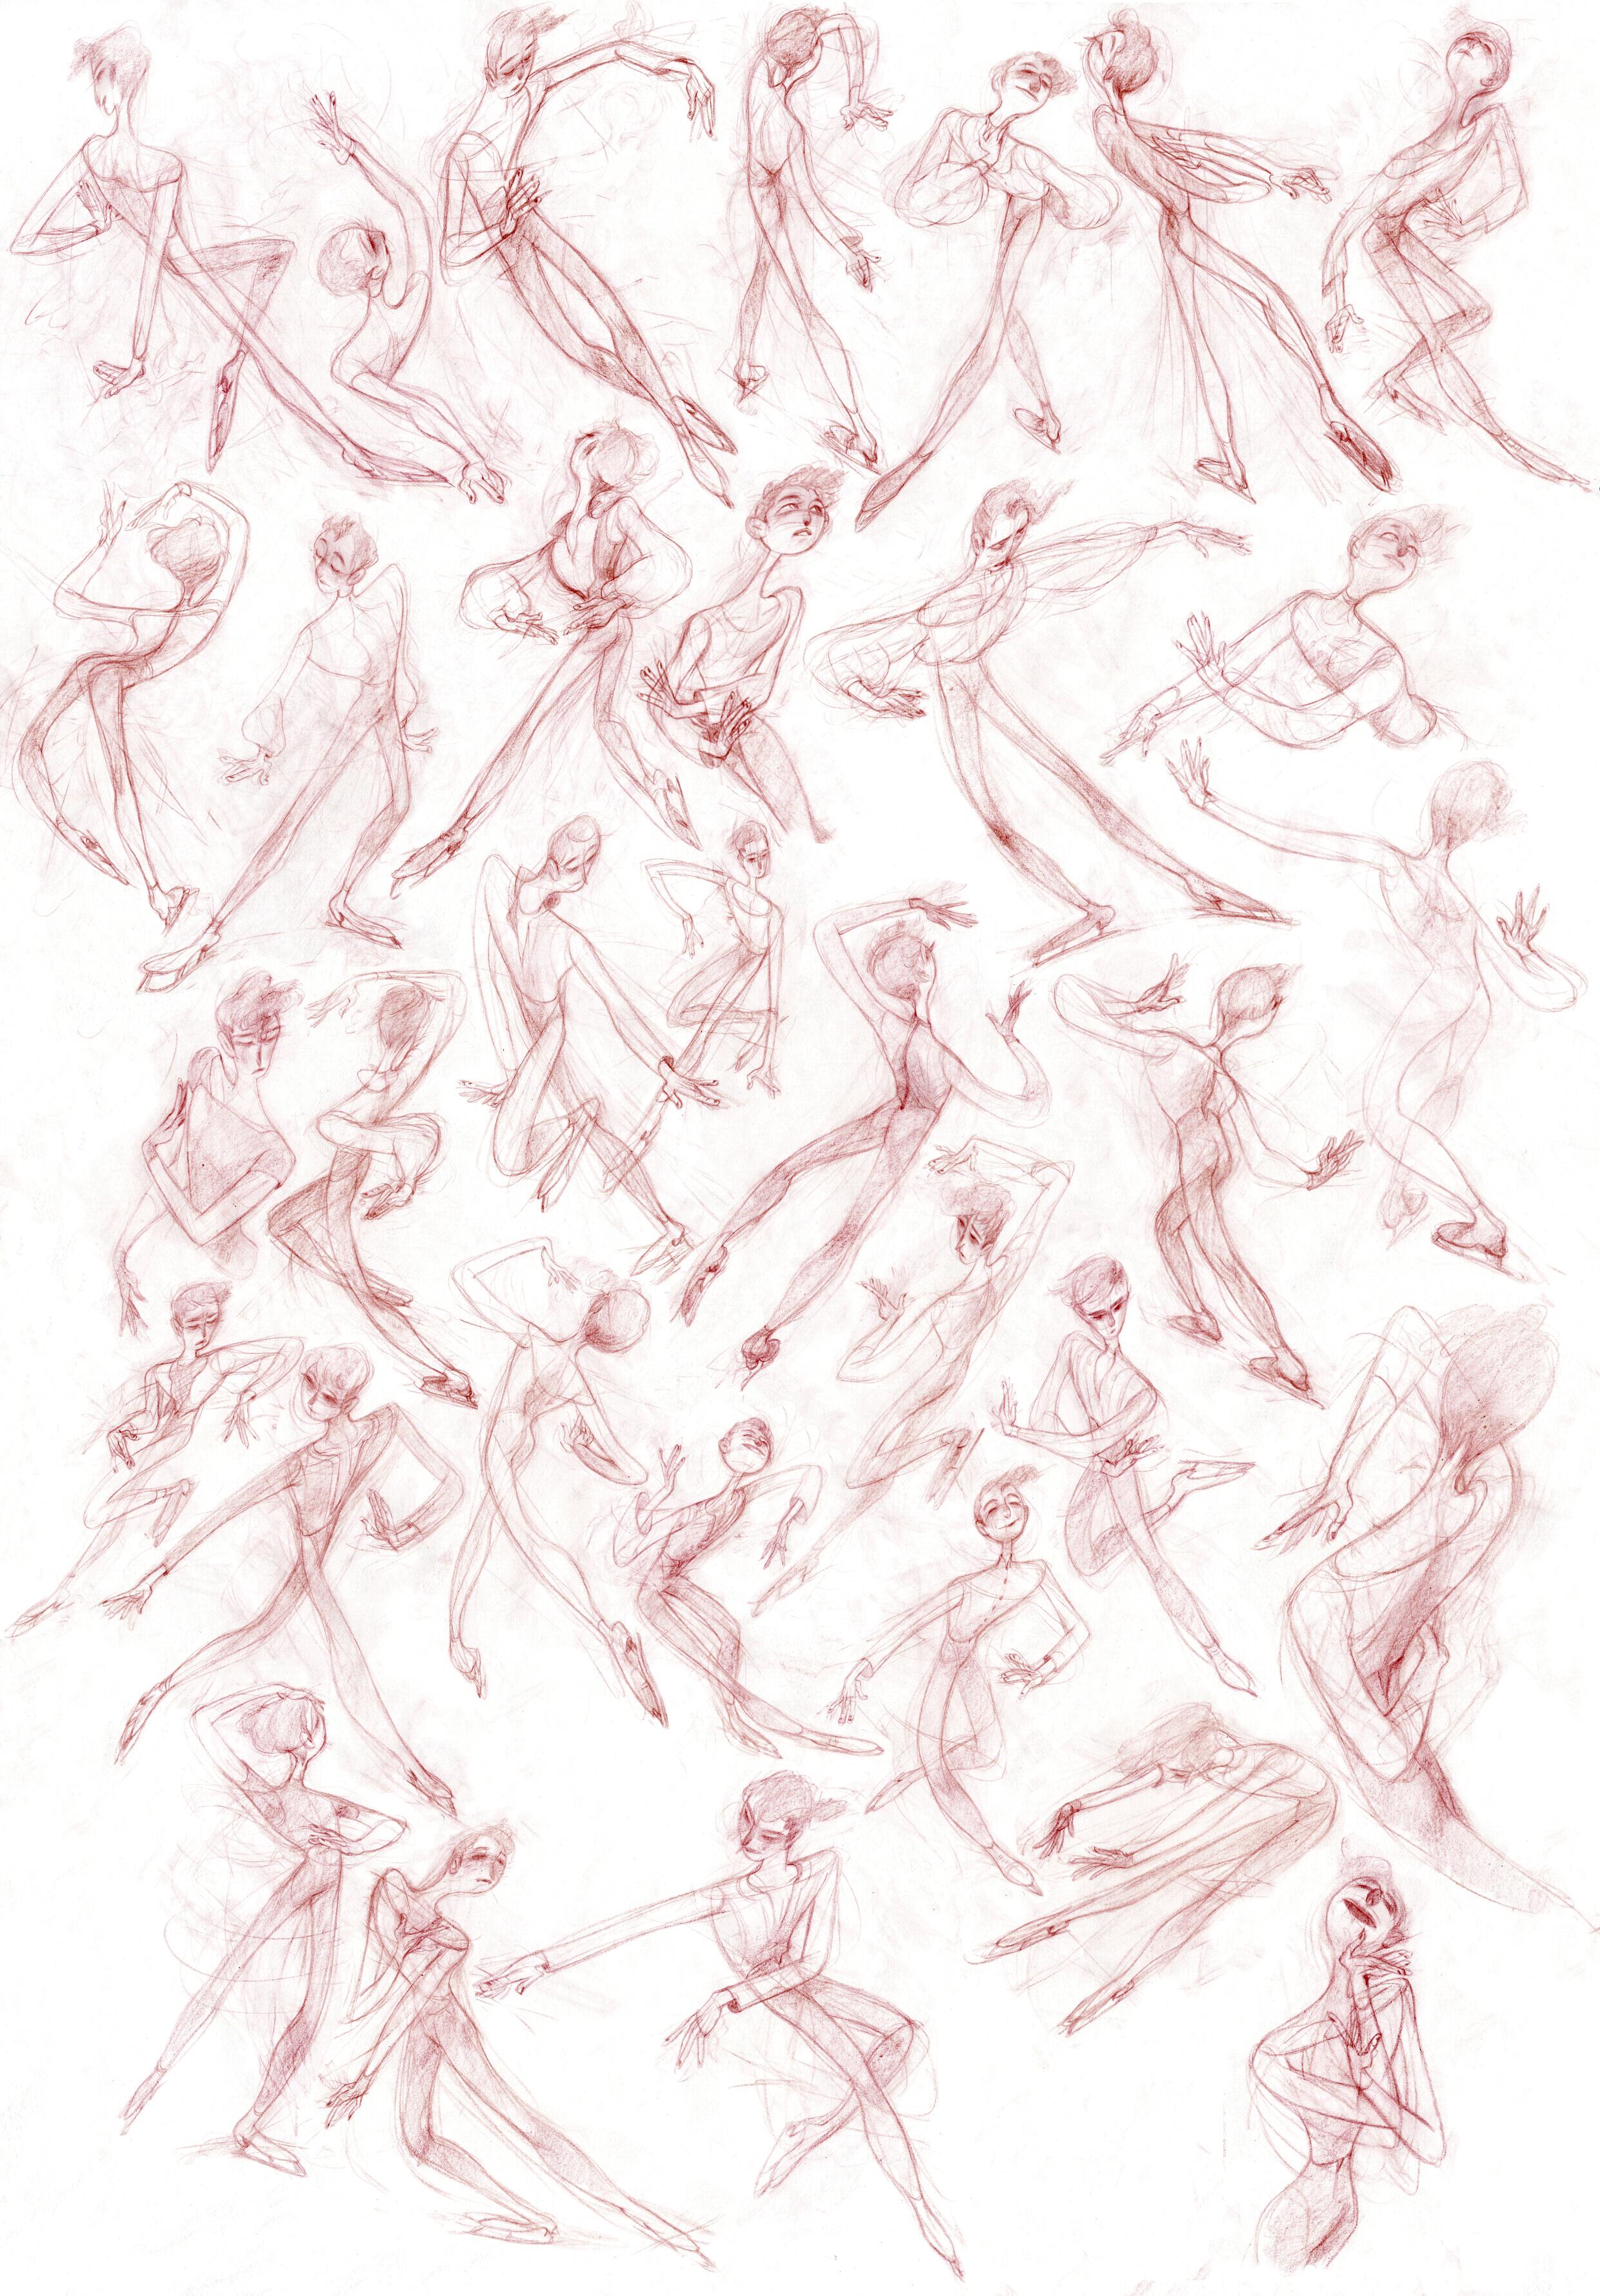 figure skating by s-u-w-i